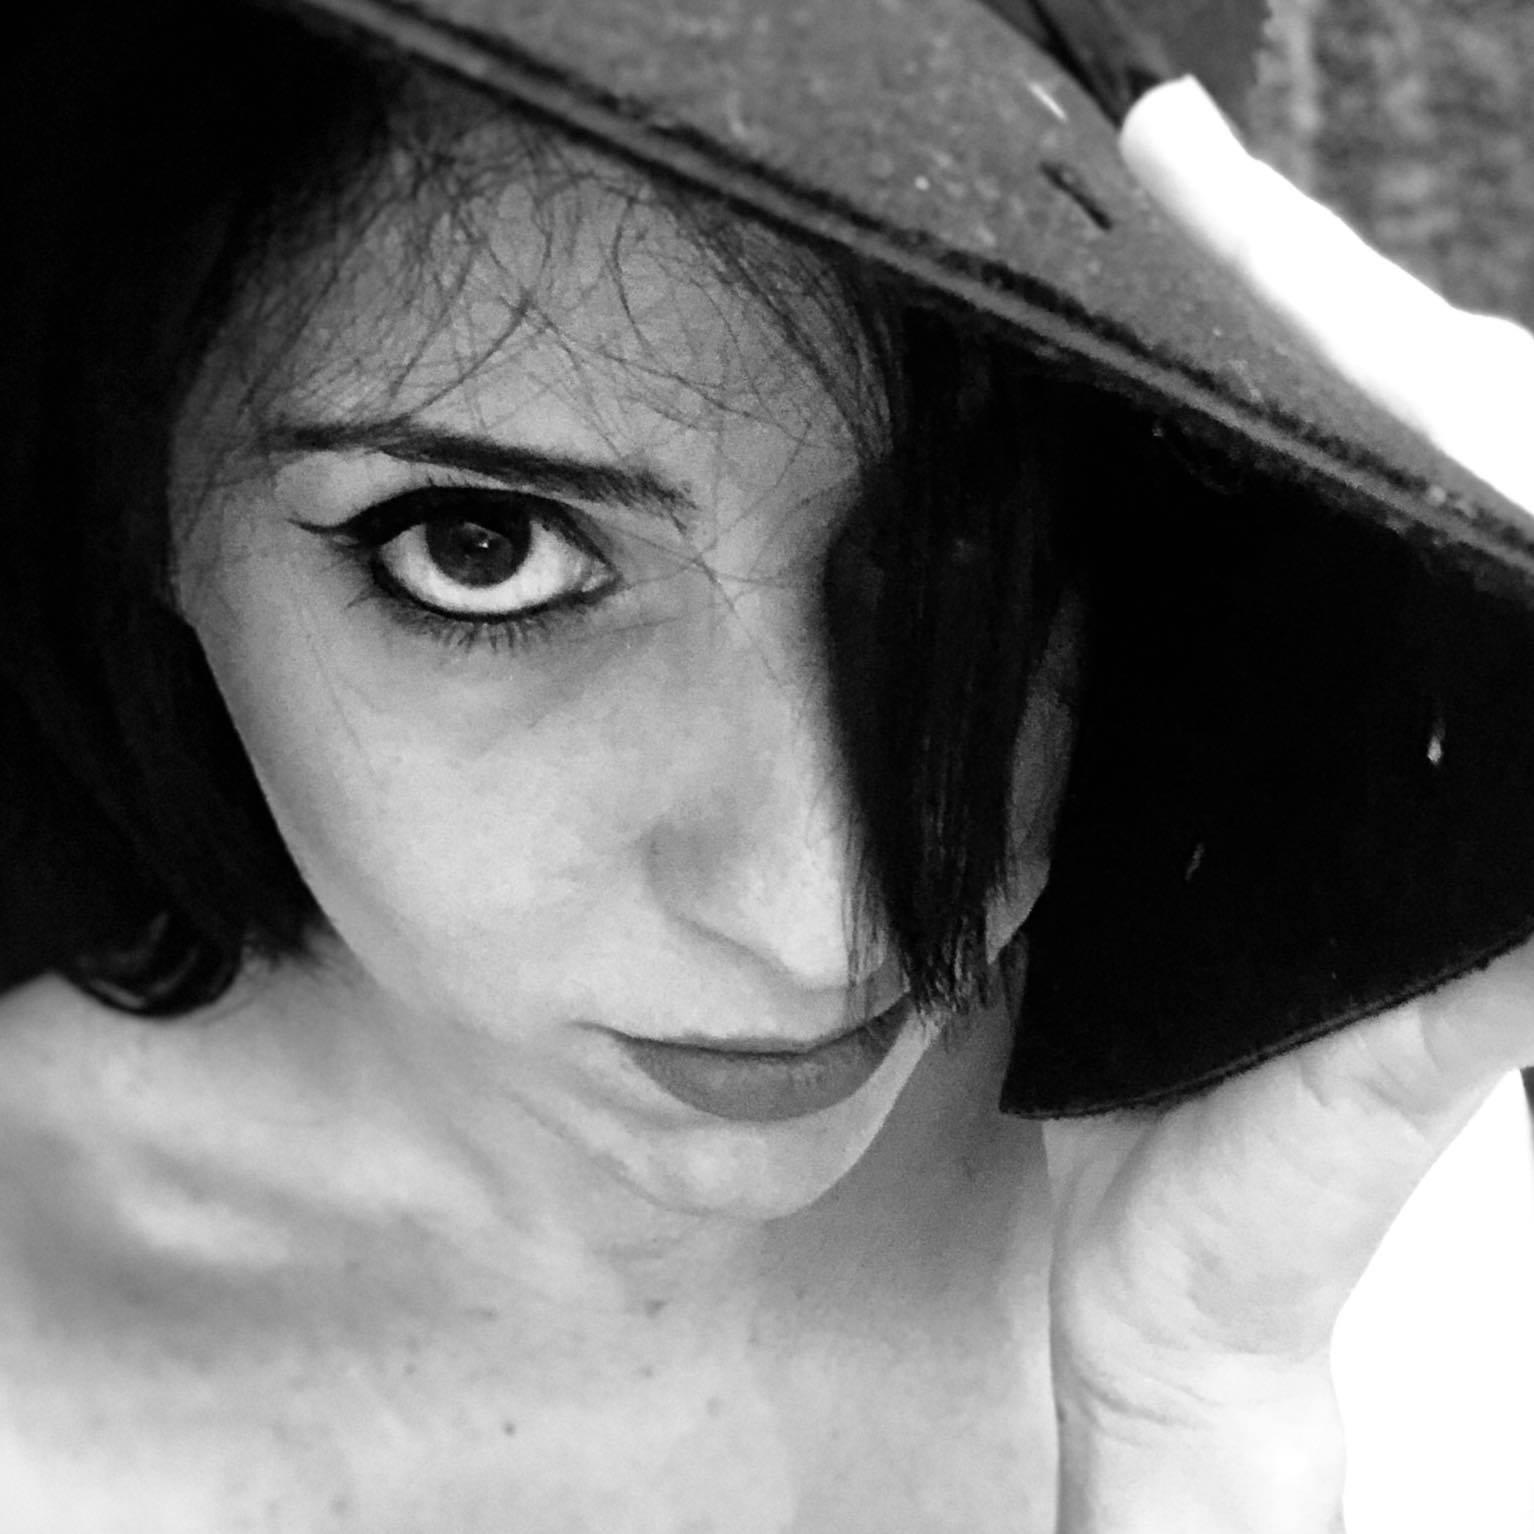 Caterina Damiano